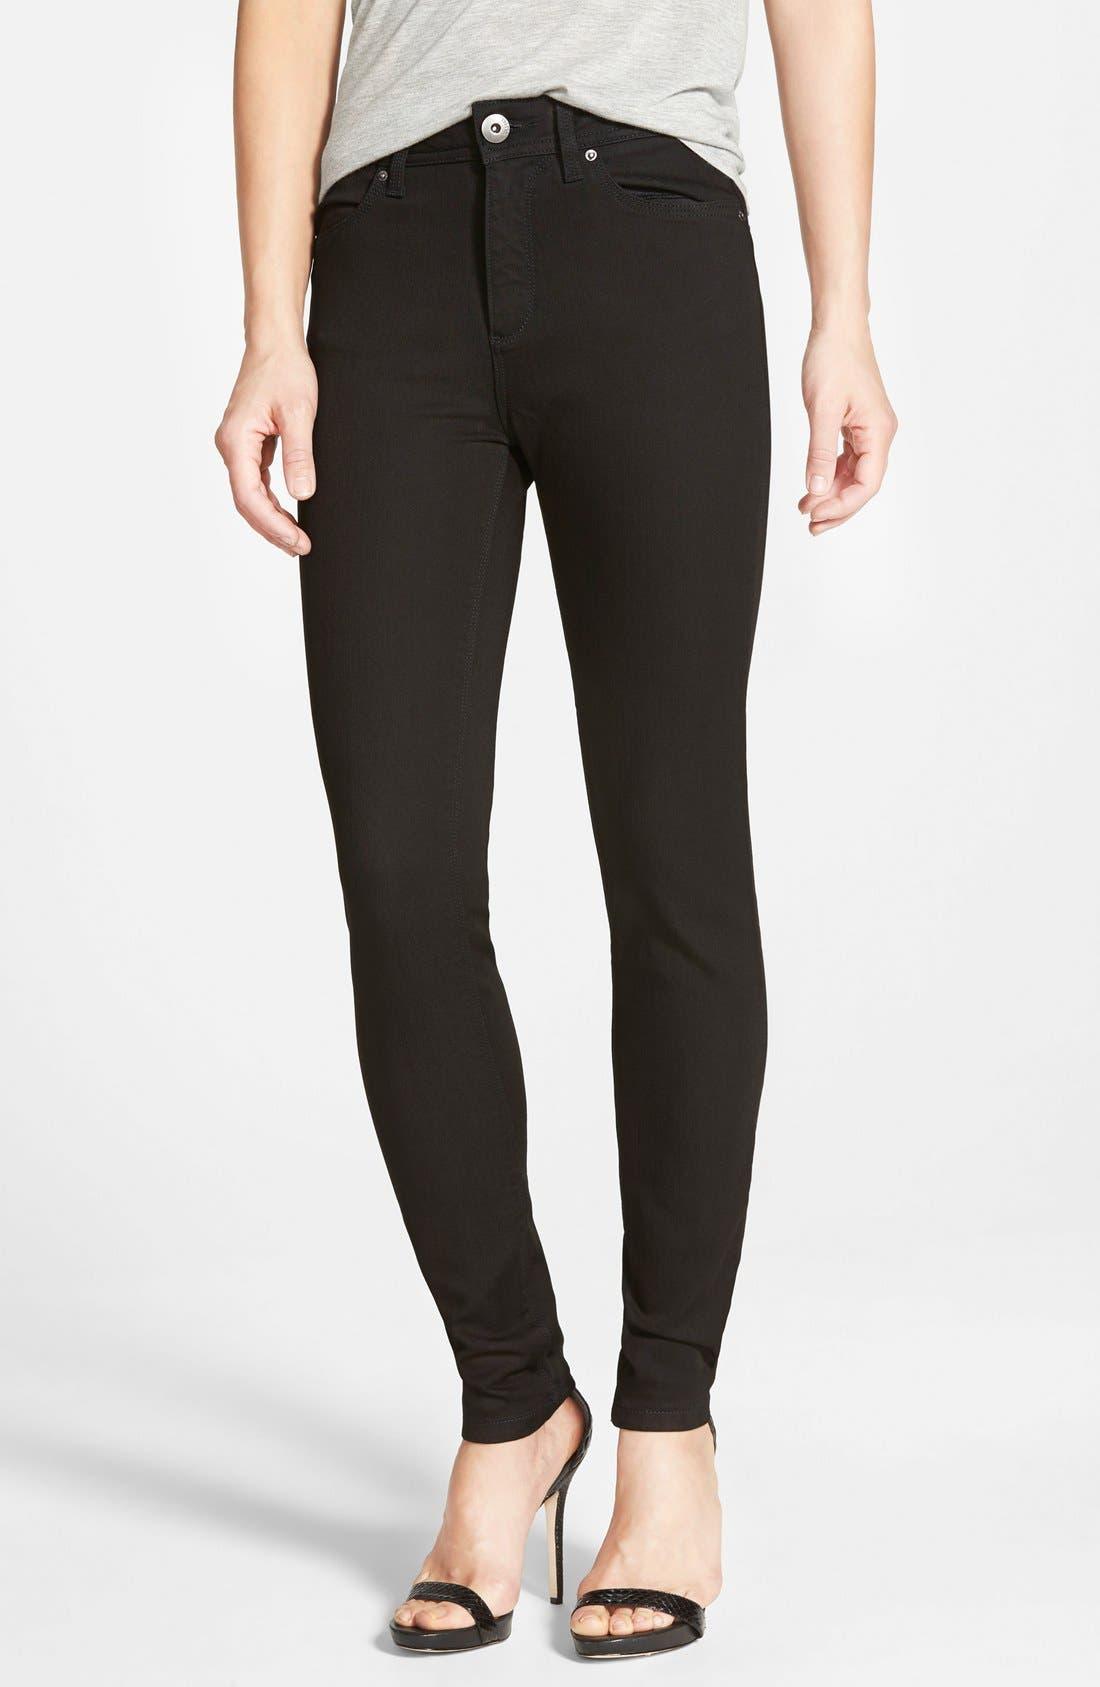 DL1961 DL 1961 'Nina' High Rise Skinny Jeans, Main, color, 001